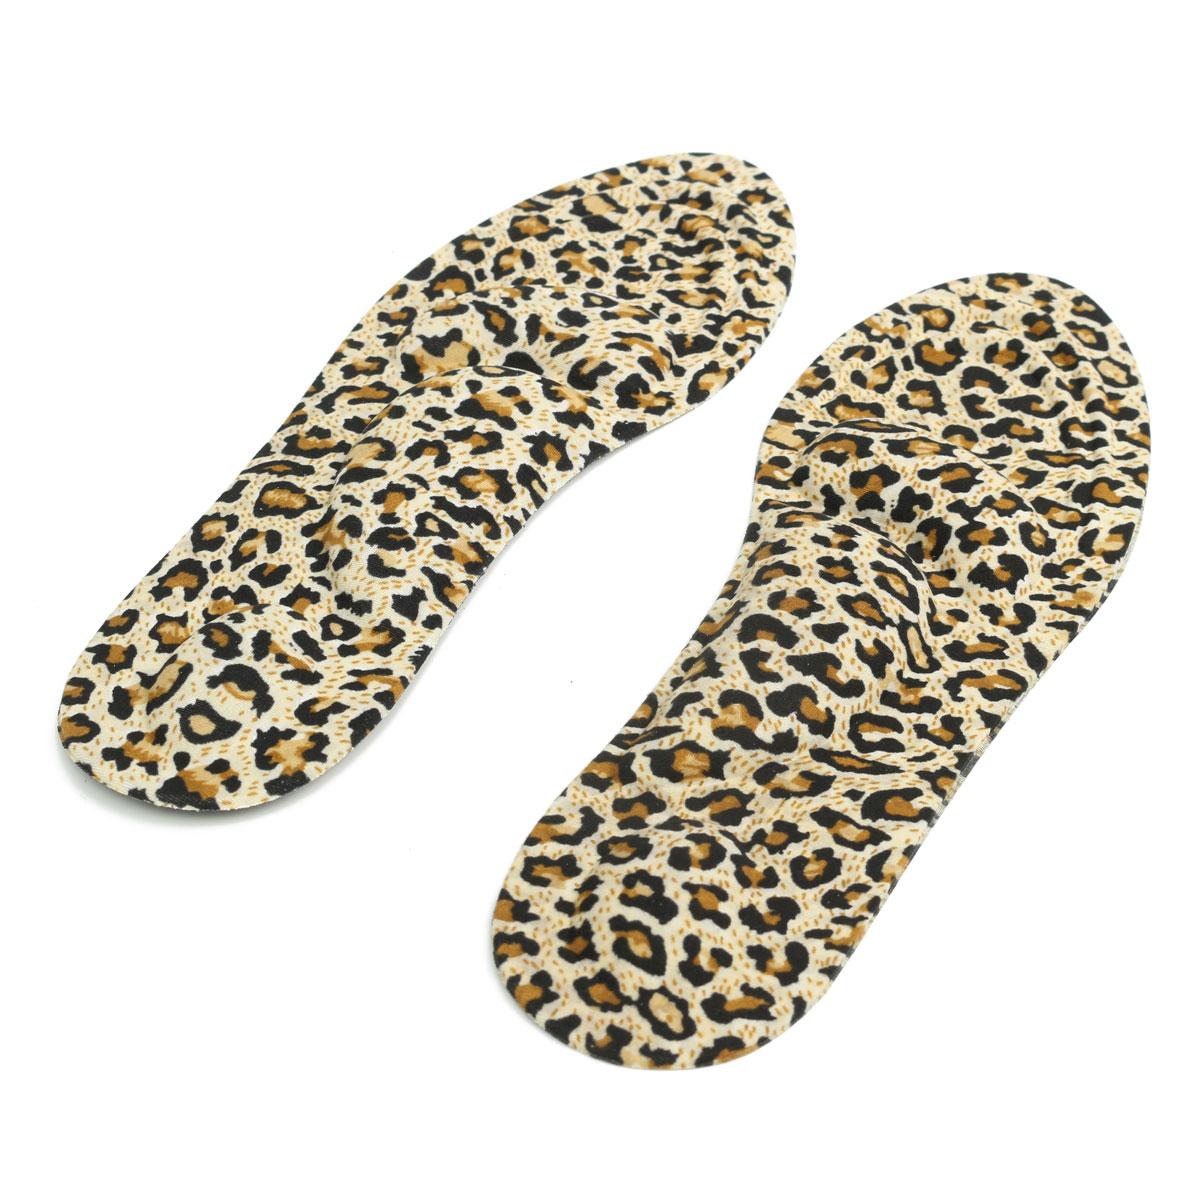 3d paire de semelle chaussures int rieur talon talonnette confortable femme ebay. Black Bedroom Furniture Sets. Home Design Ideas